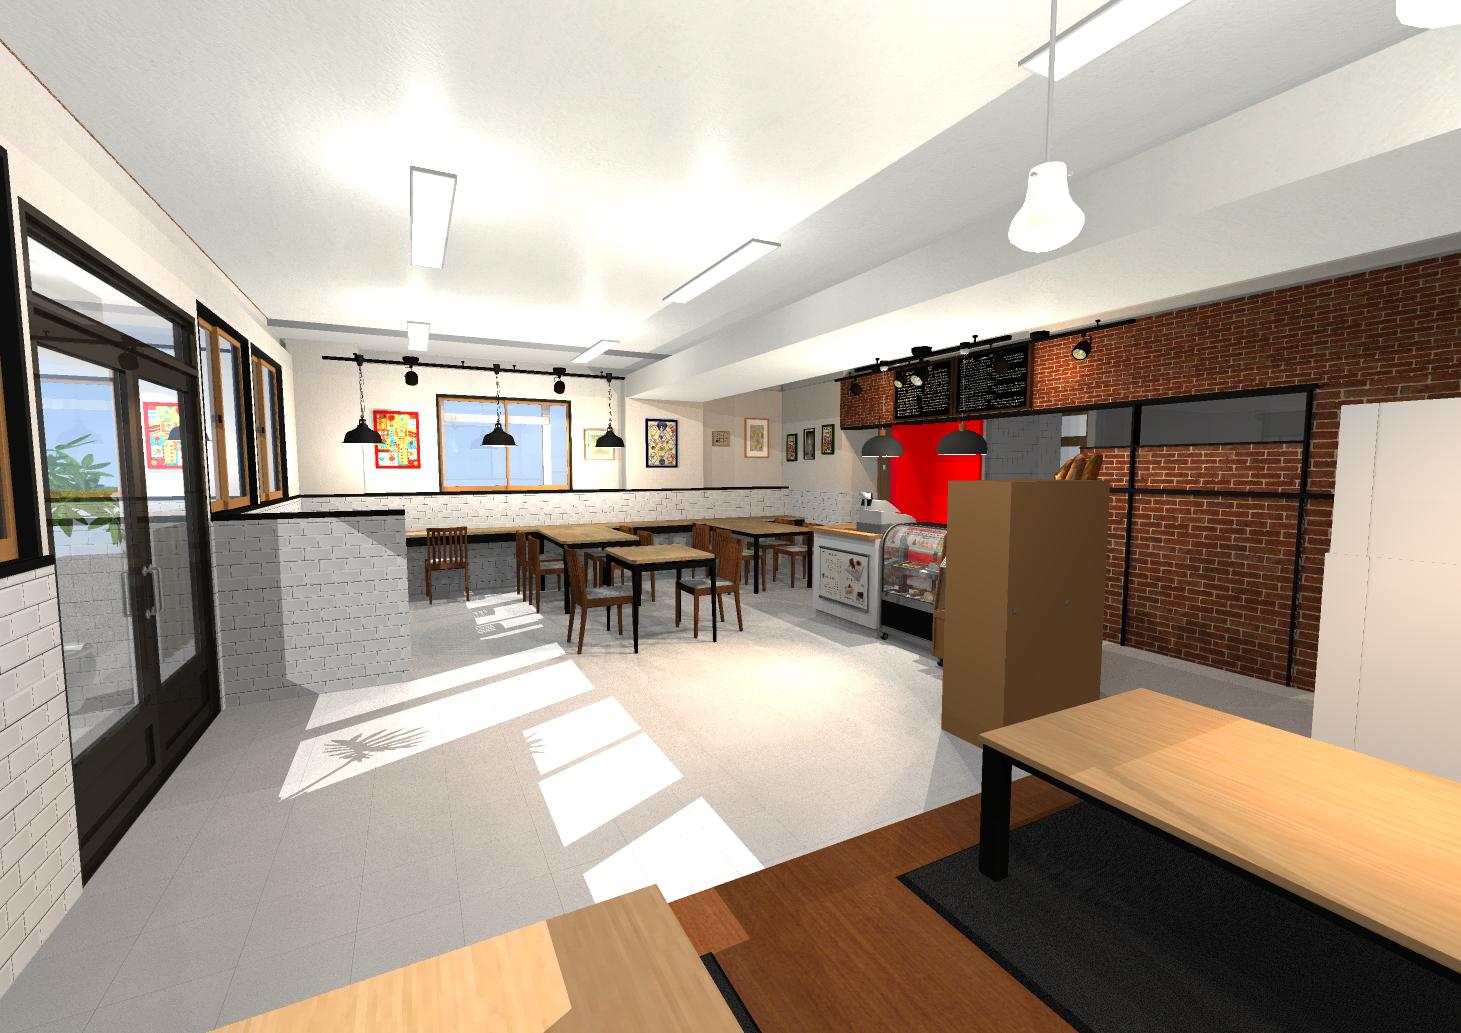 リフォームプラン(提案)3Dパース右からの写真